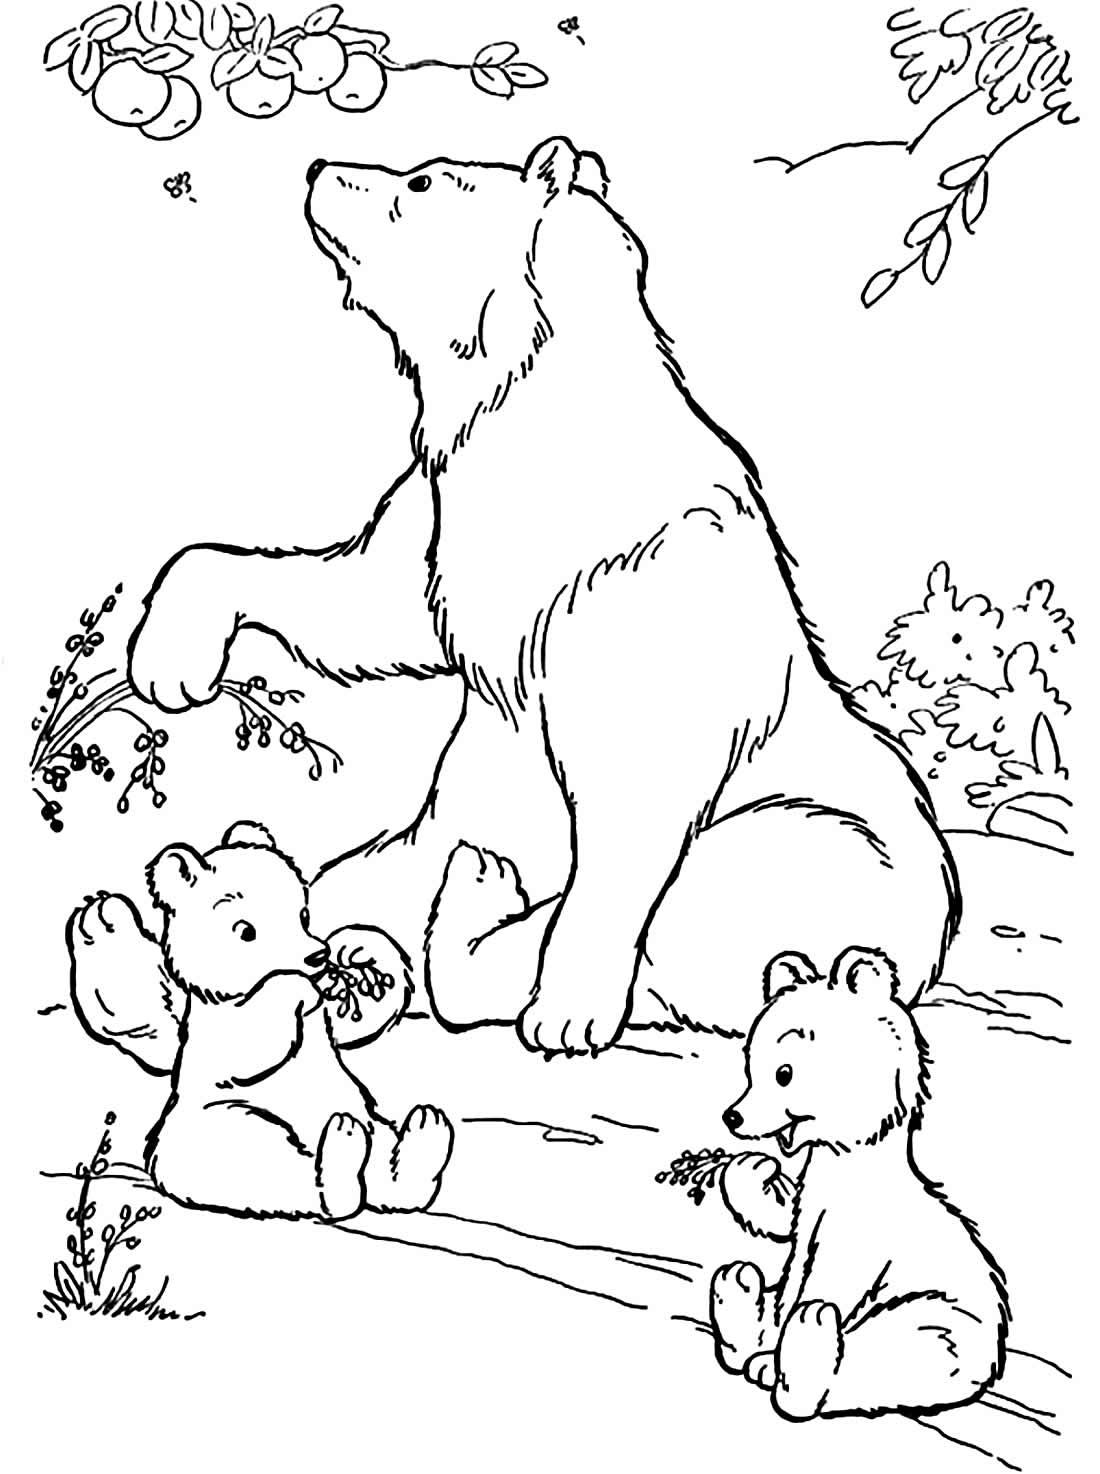 Desenho de Urso para colorir